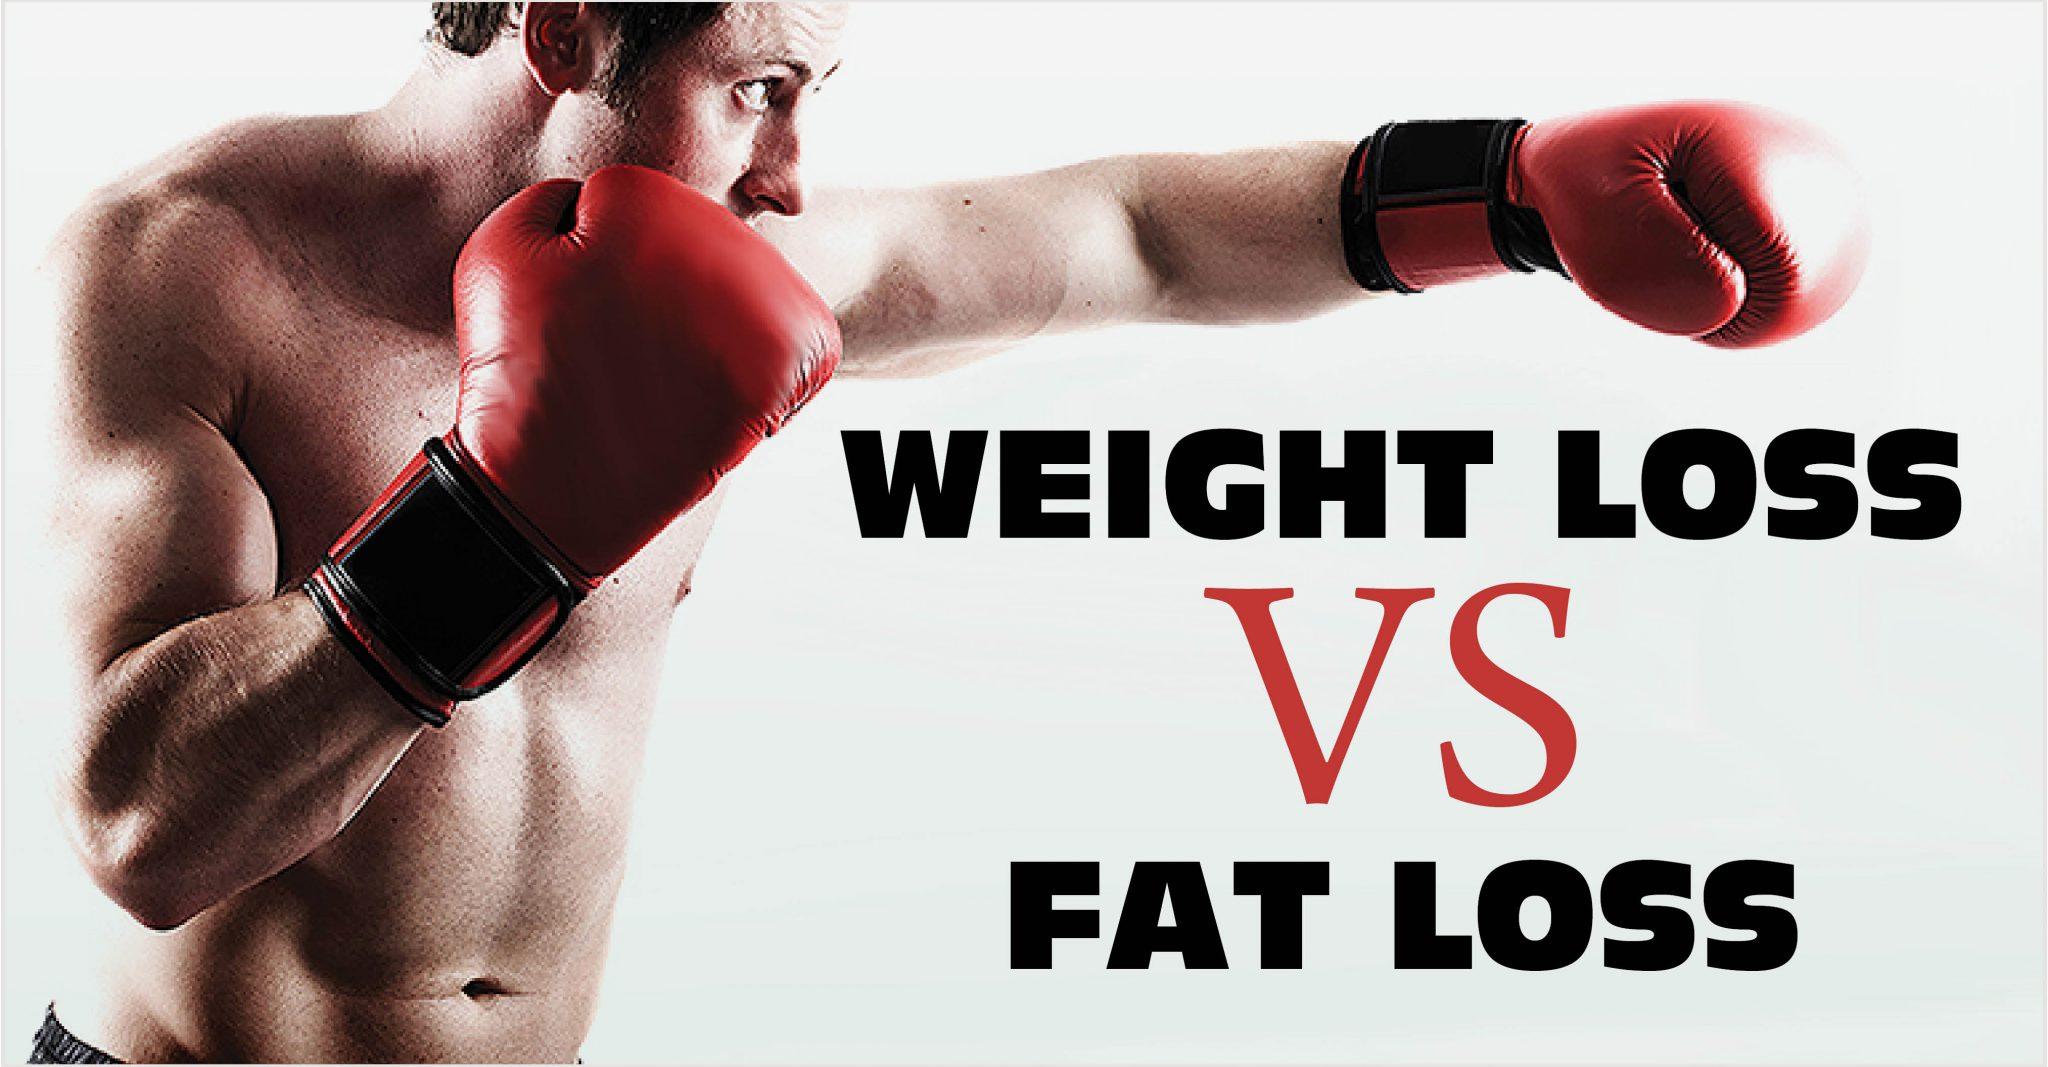 diferența dintre pierderea de inchi și pierderea în greutate